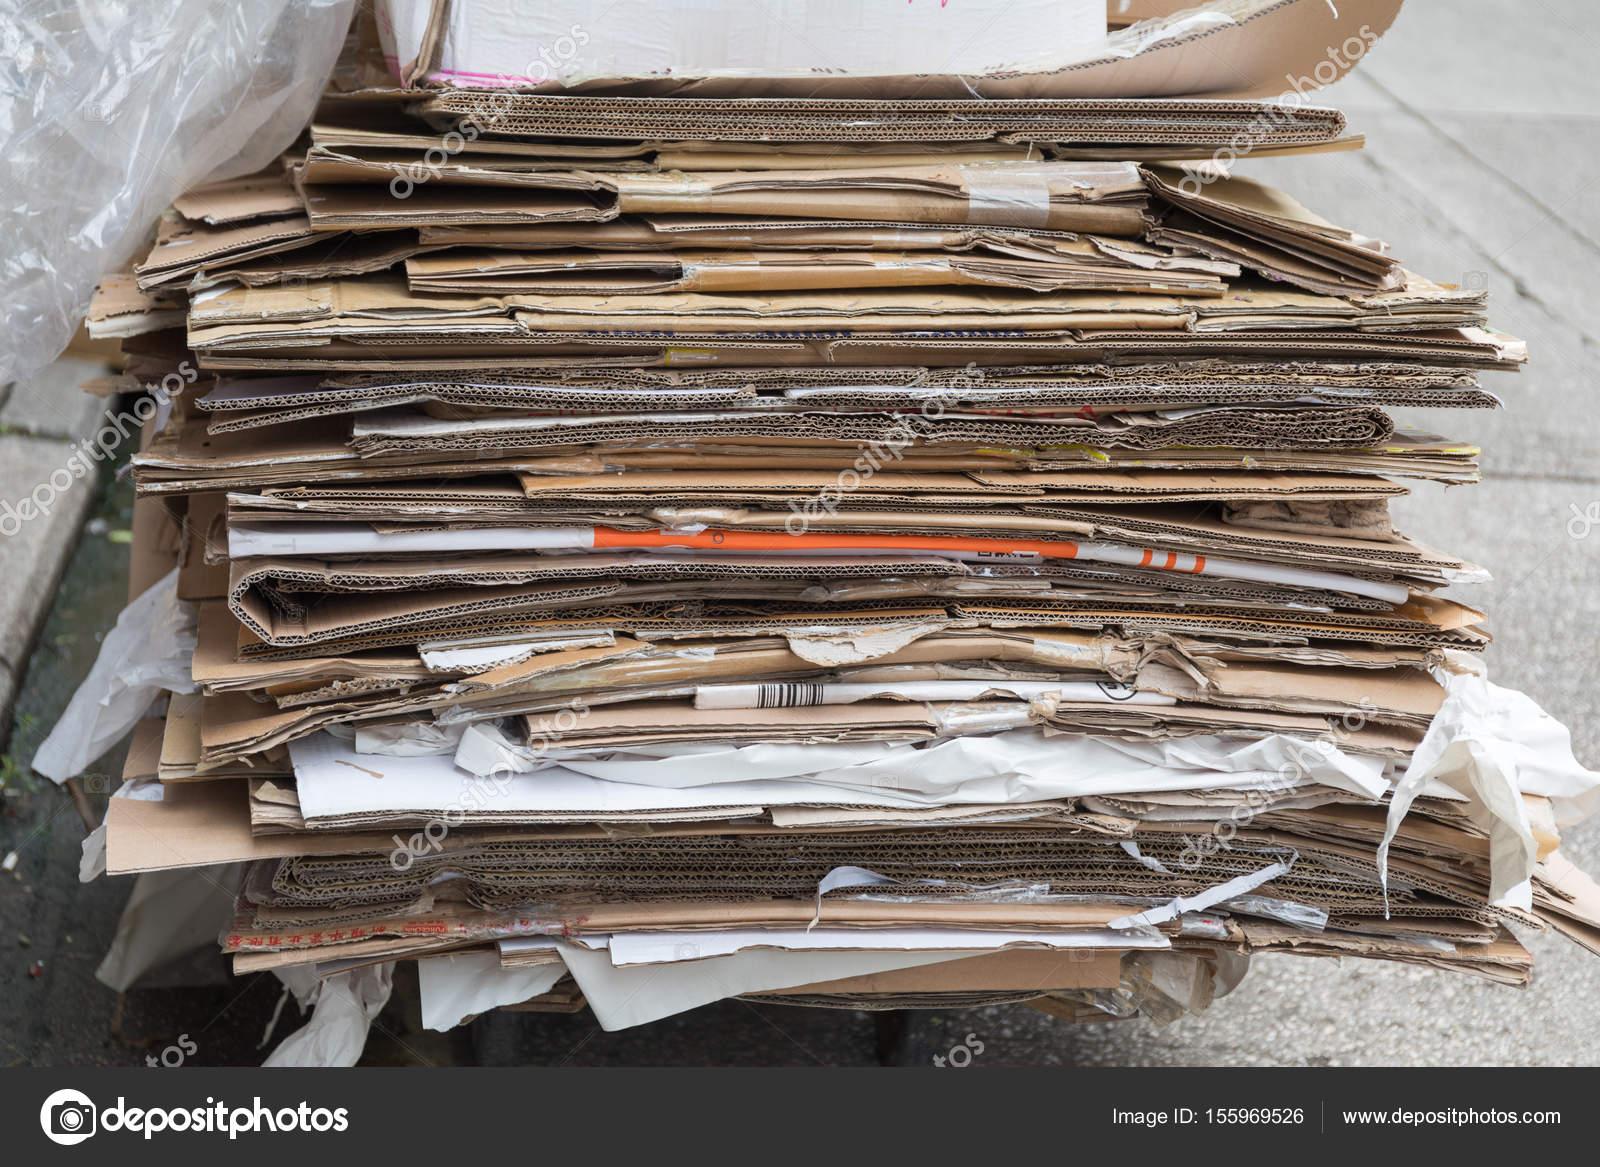 reciclaje de papel cart n fotos de stock baloncici. Black Bedroom Furniture Sets. Home Design Ideas